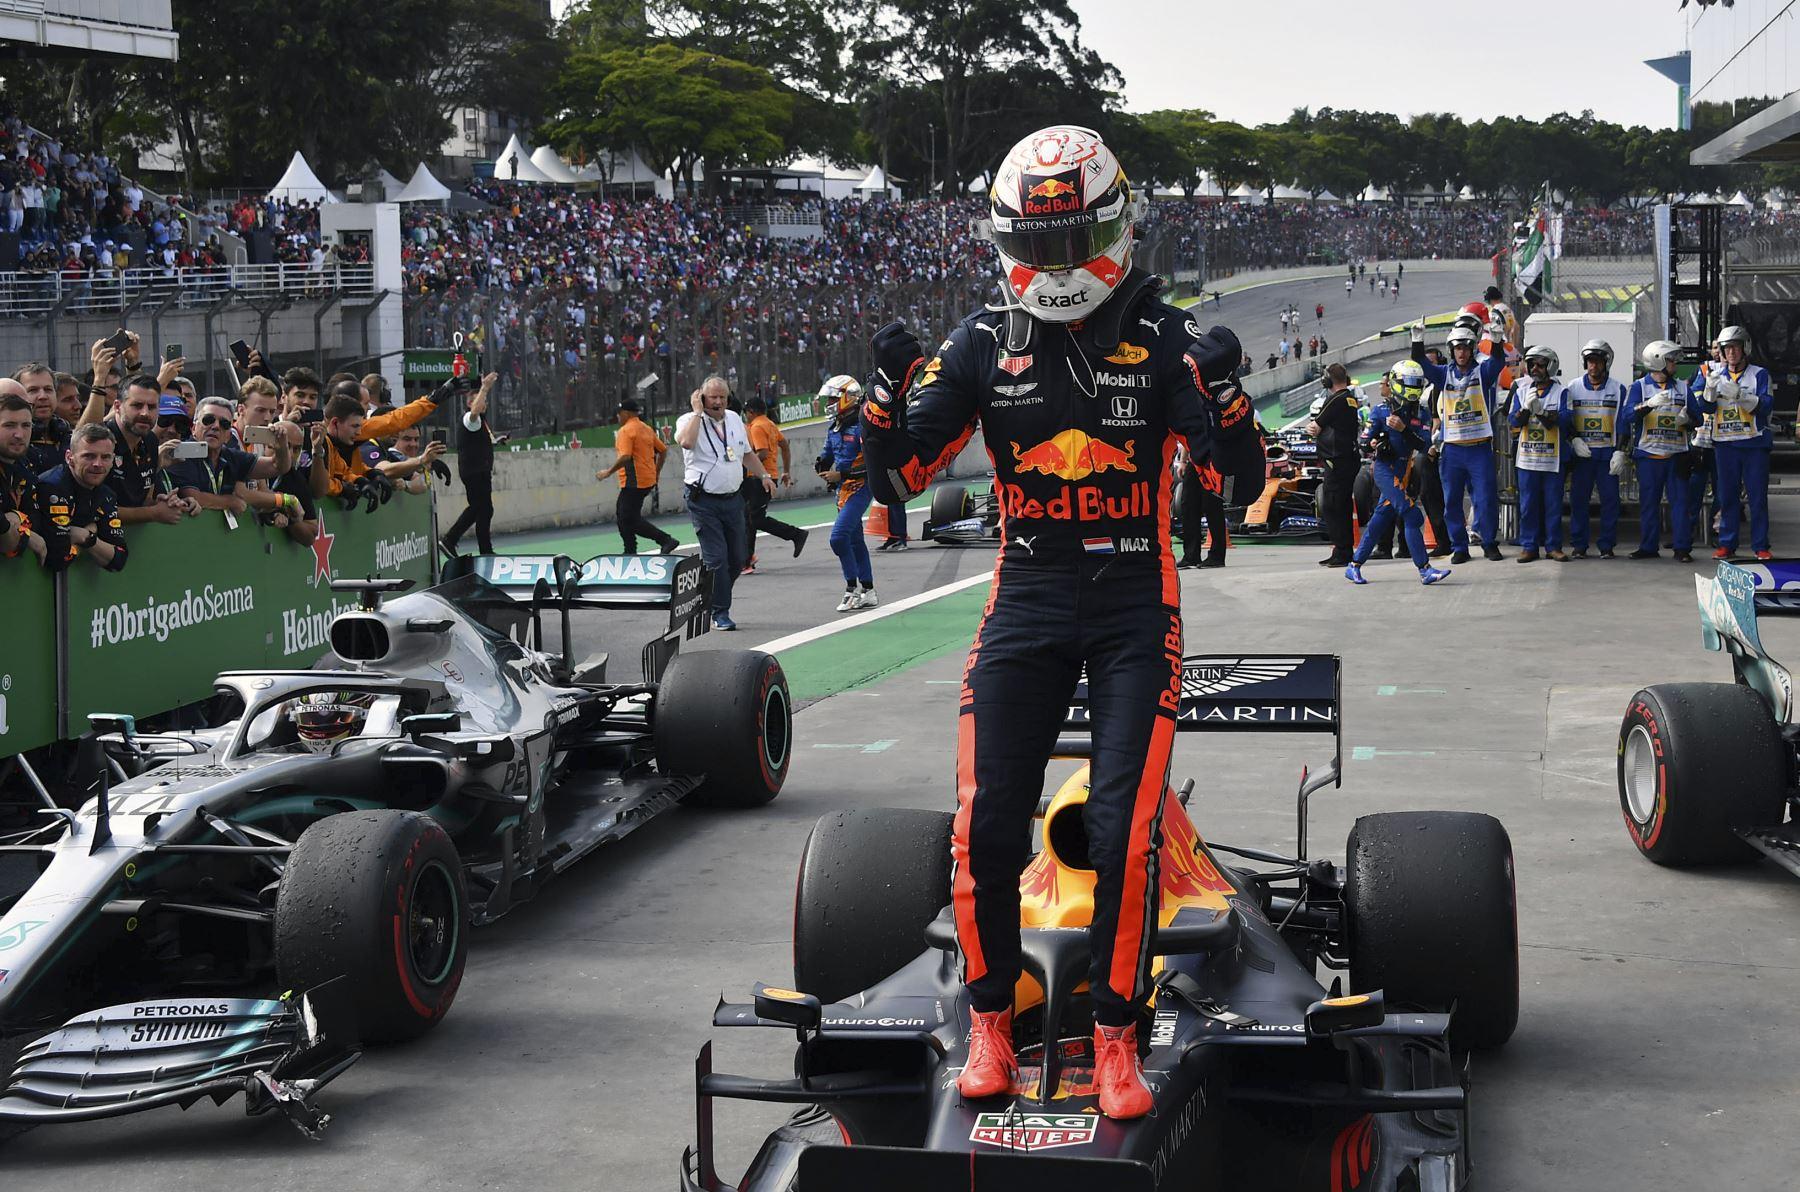 El piloto holandés de Red Bull, Max Verstappen, celebra tras ganar el Gran Premio de F1 Brasil, en el hipódromo de Interlagos en Sao Paulo. Foto: AFP